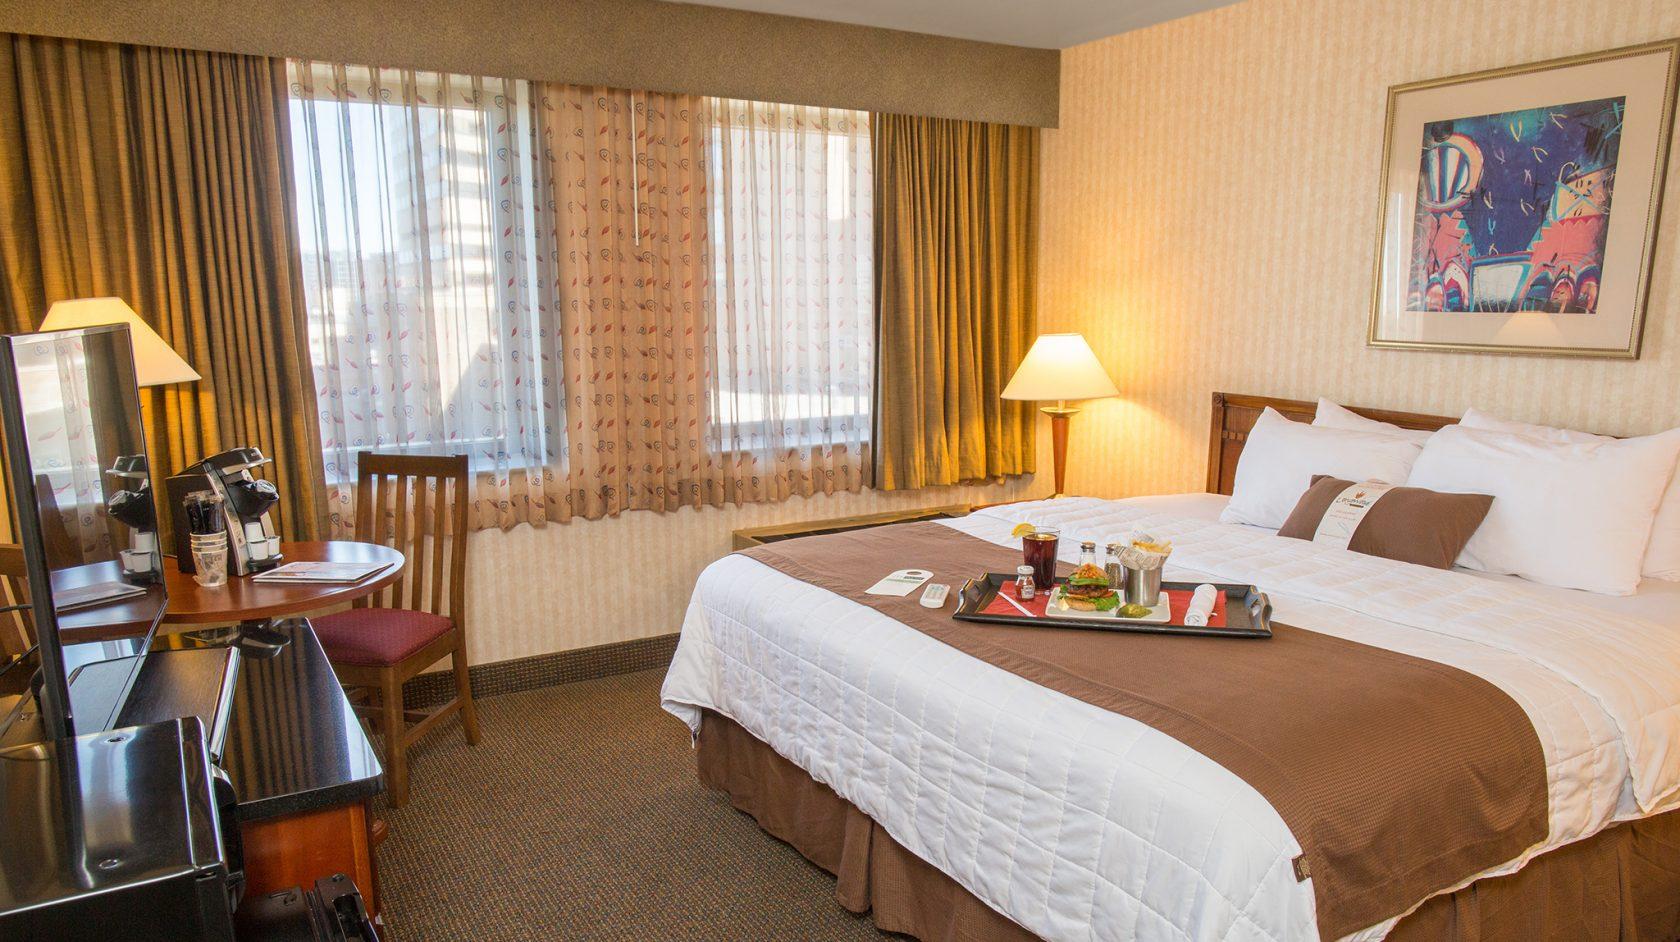 fenway park hotel inn at longwood medical. Black Bedroom Furniture Sets. Home Design Ideas